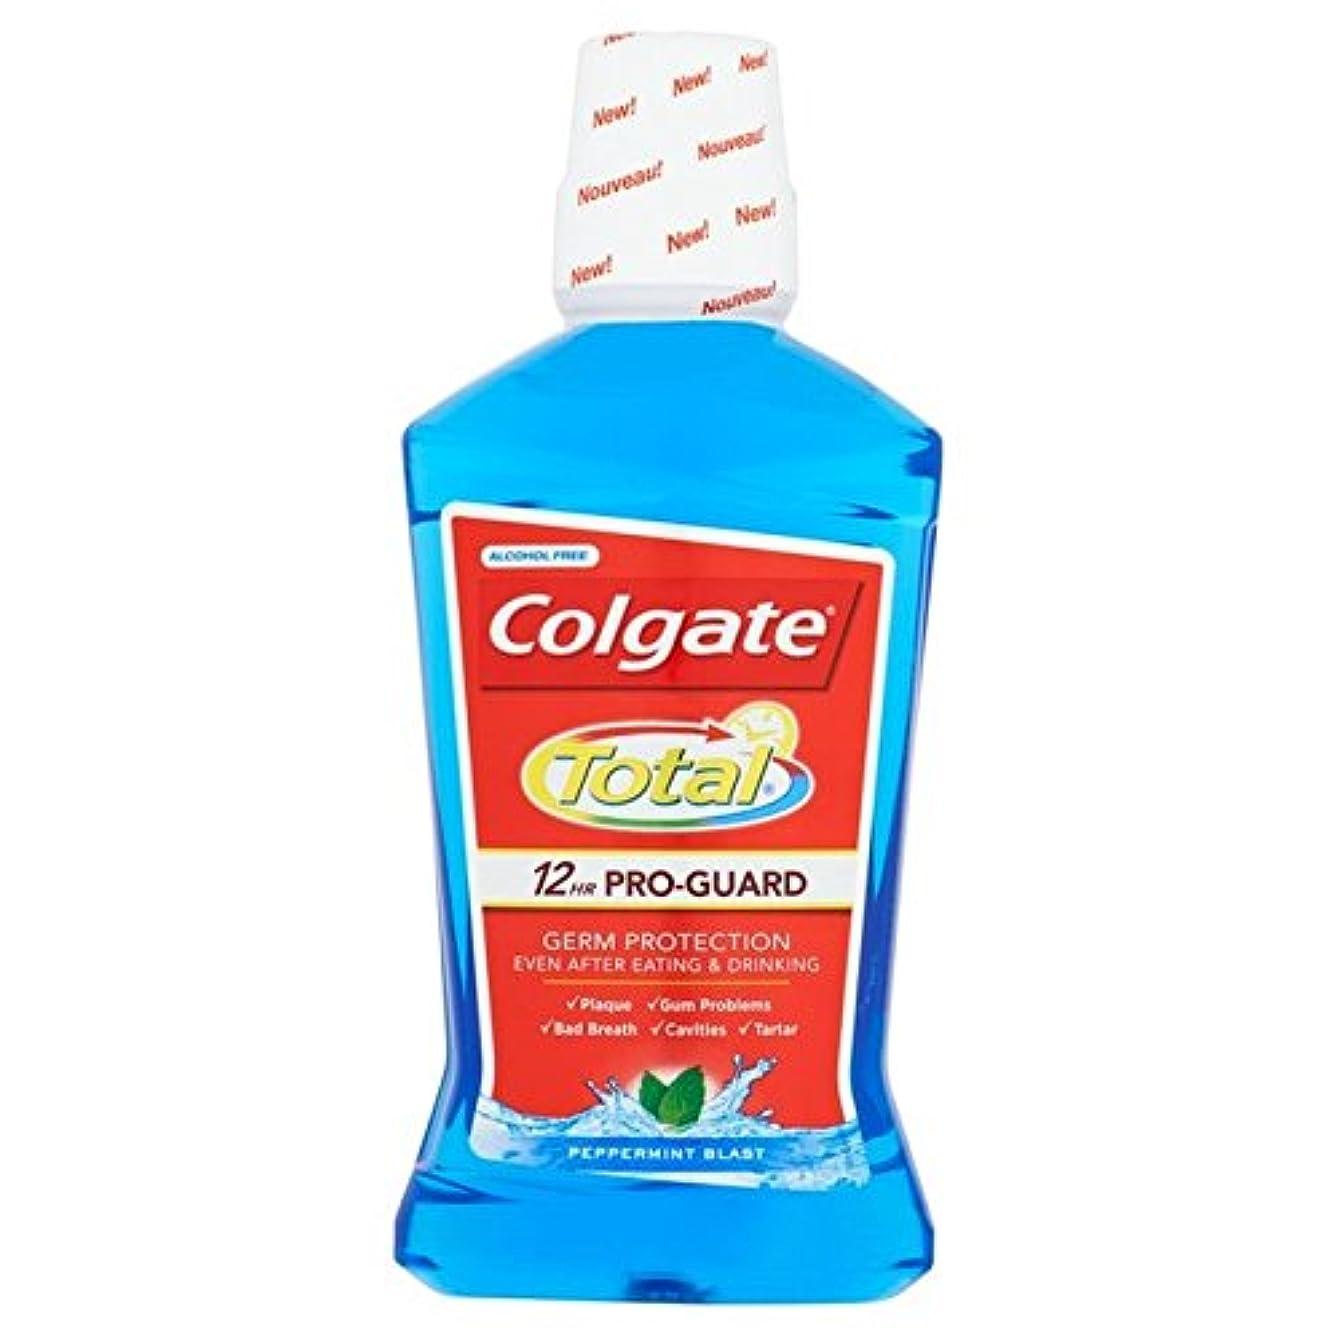 レビュアー間に合わせ科学コルゲートトータル高度なブルーマウスウォッシュ500ミリリットル x2 - Colgate Total Advanced Blue Mouthwash 500ml (Pack of 2) [並行輸入品]